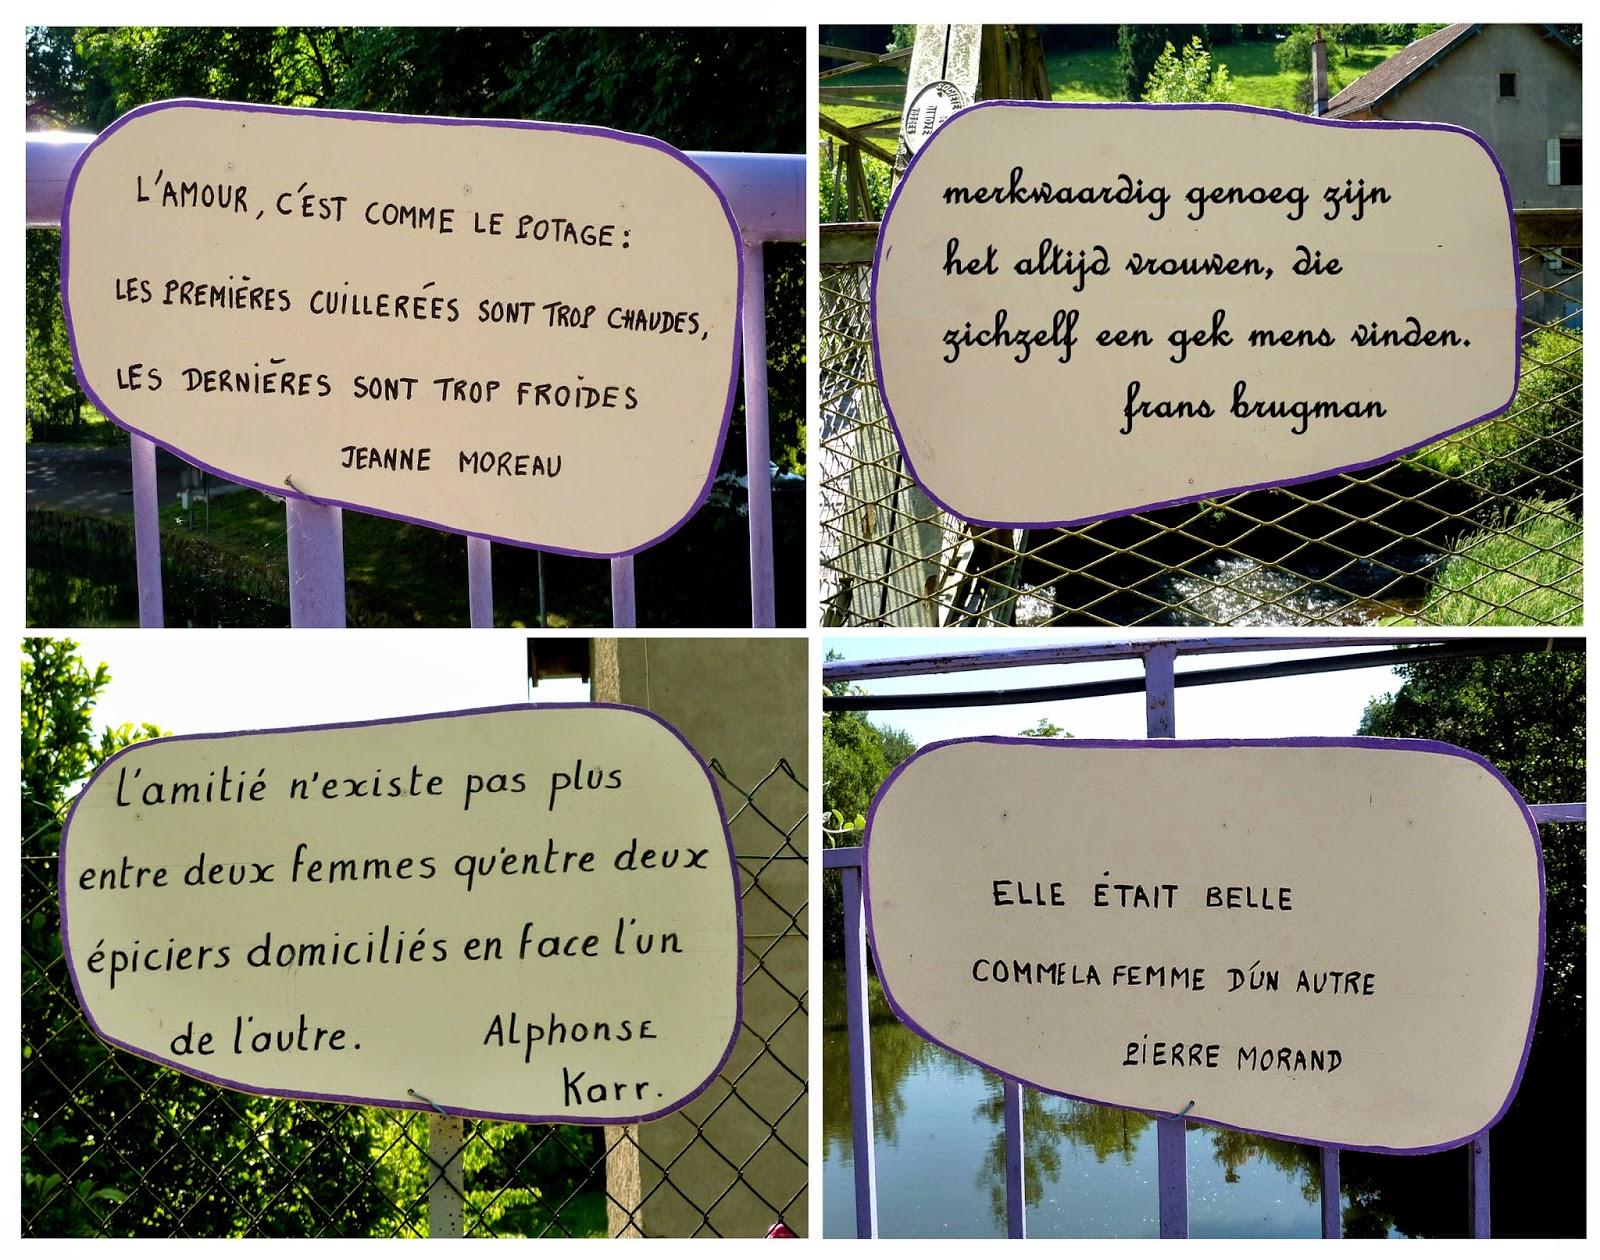 Franse Citaten Over Liefde : Spreuken